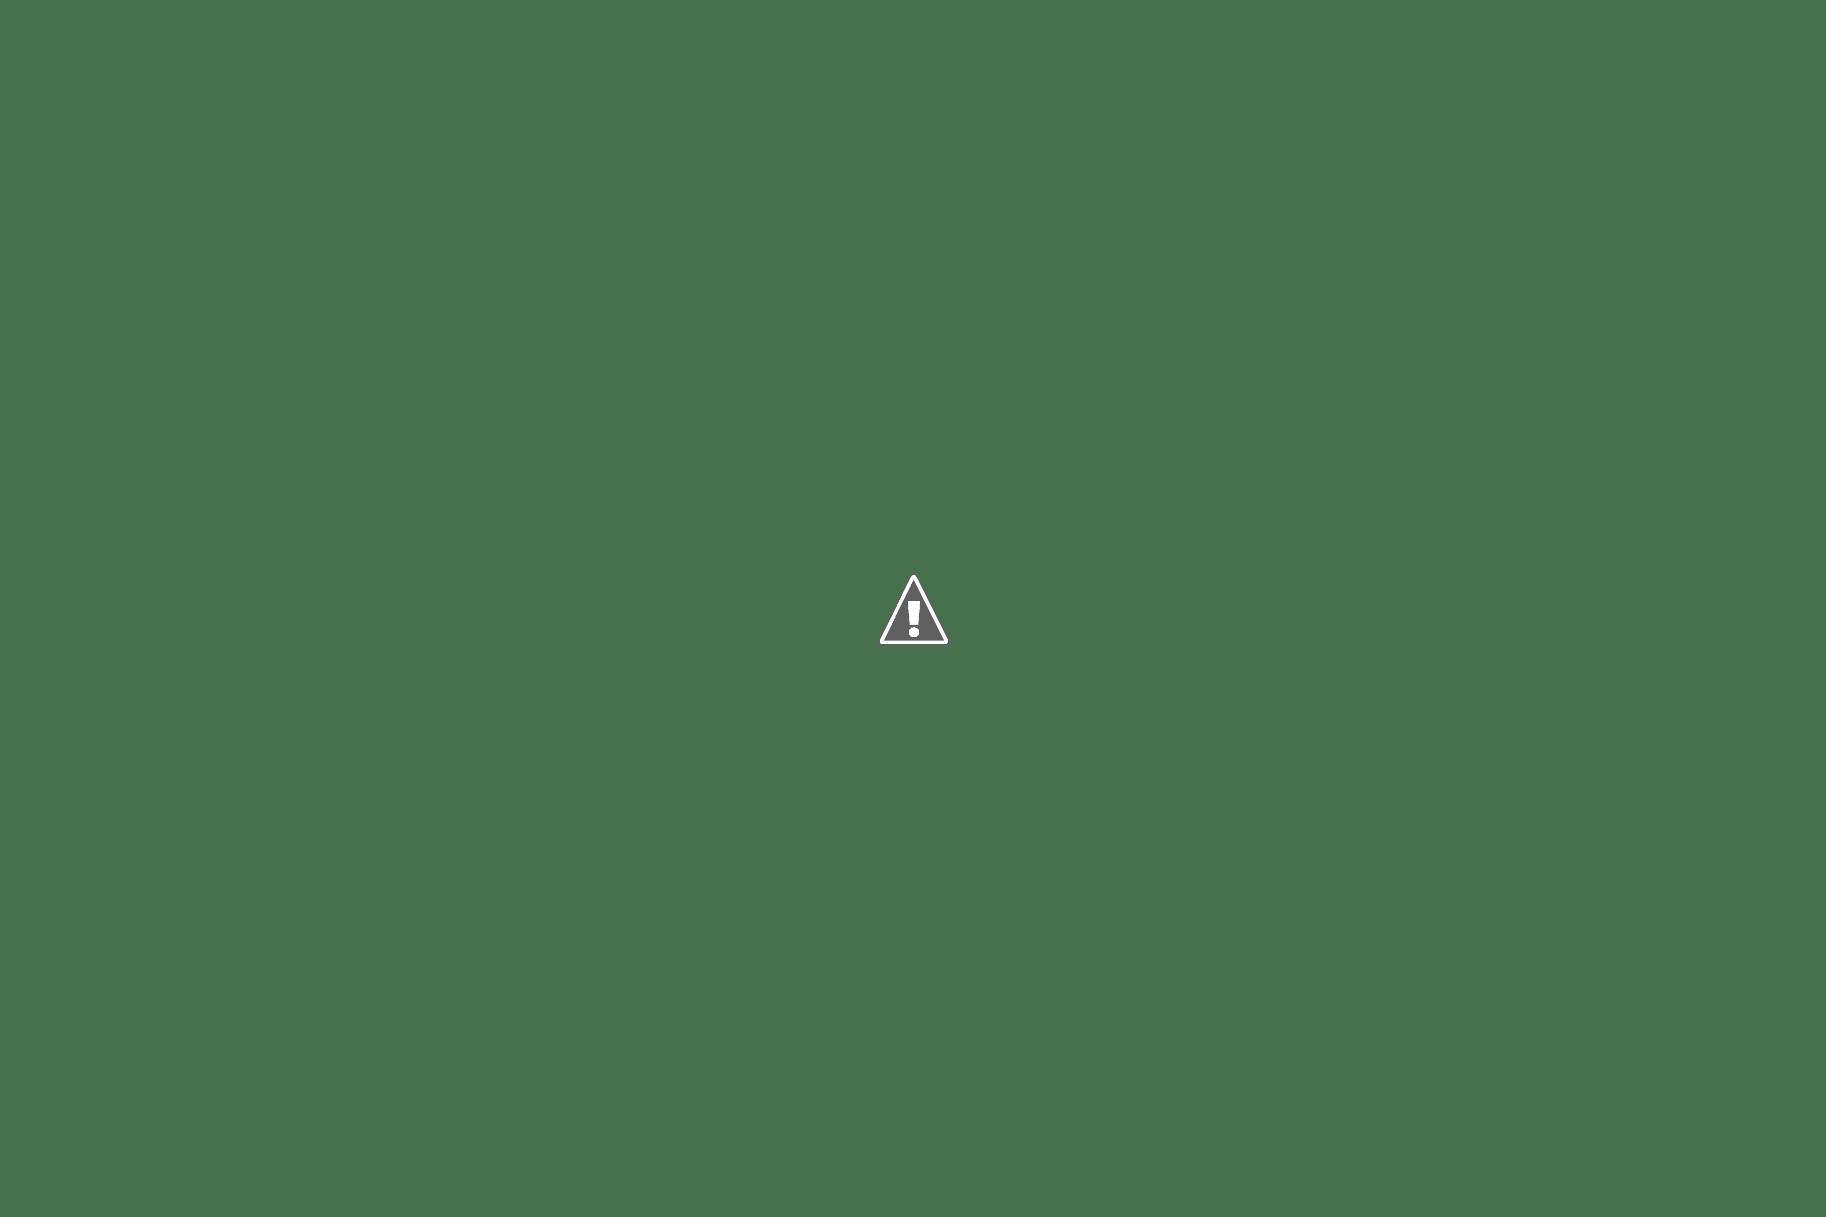 แนวทางการเรียนออนไลน์ จากมุมมองของนักศึกษา